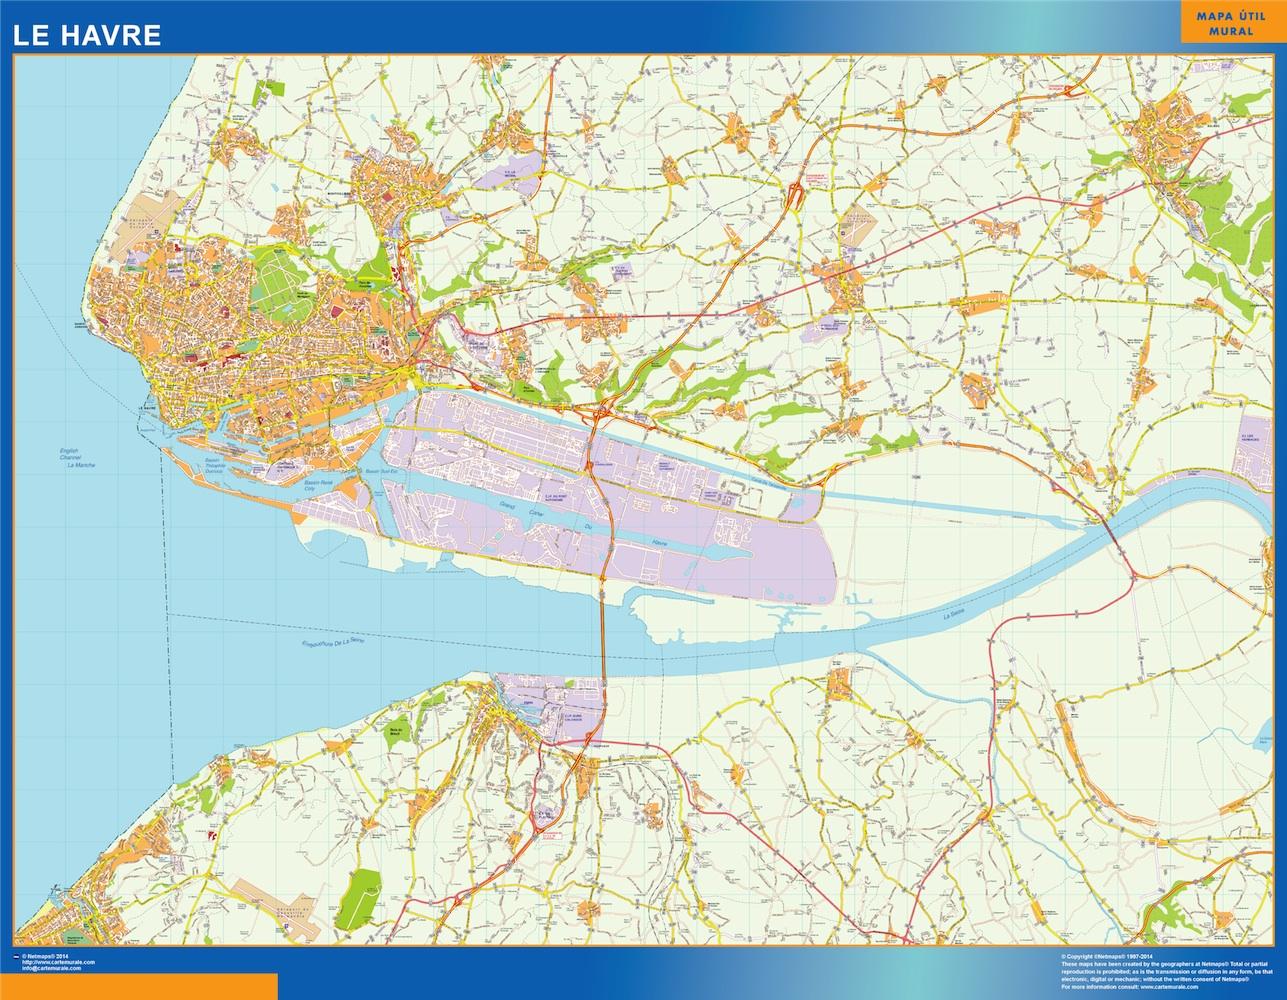 Mapa Le Havre en Francia plastificado gigante